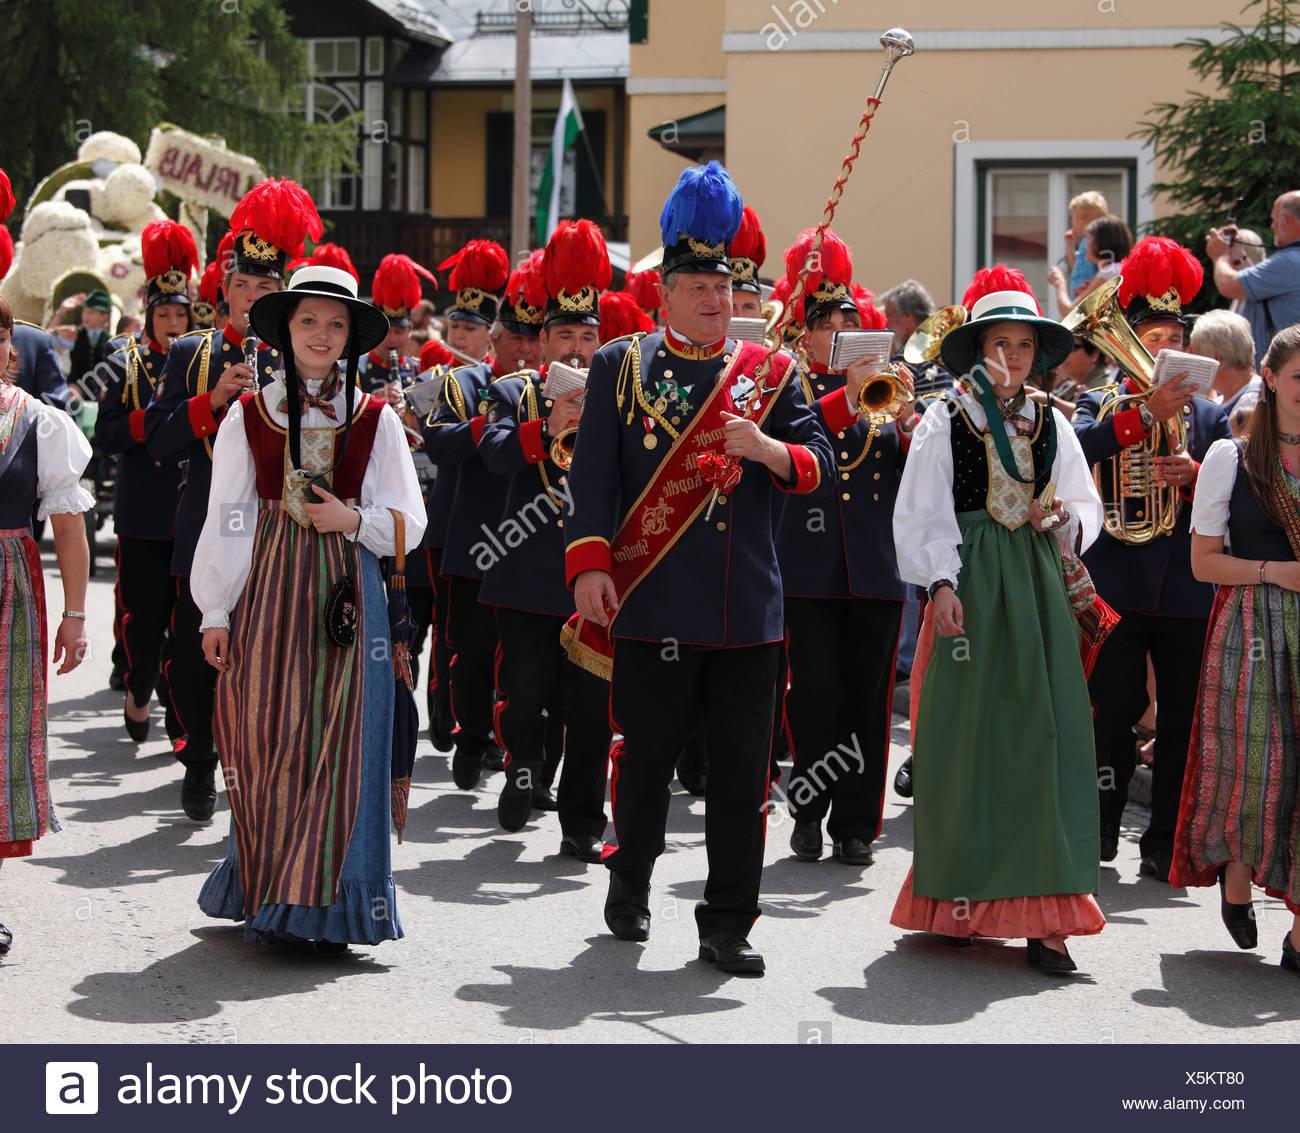 Feuerwehr-Band Strassen, Narzissenfest Narcissus-Festival in Bad Aussee, Ausseer Land, Salzkammergut-Region, Steiermark, Österreich Stockbild